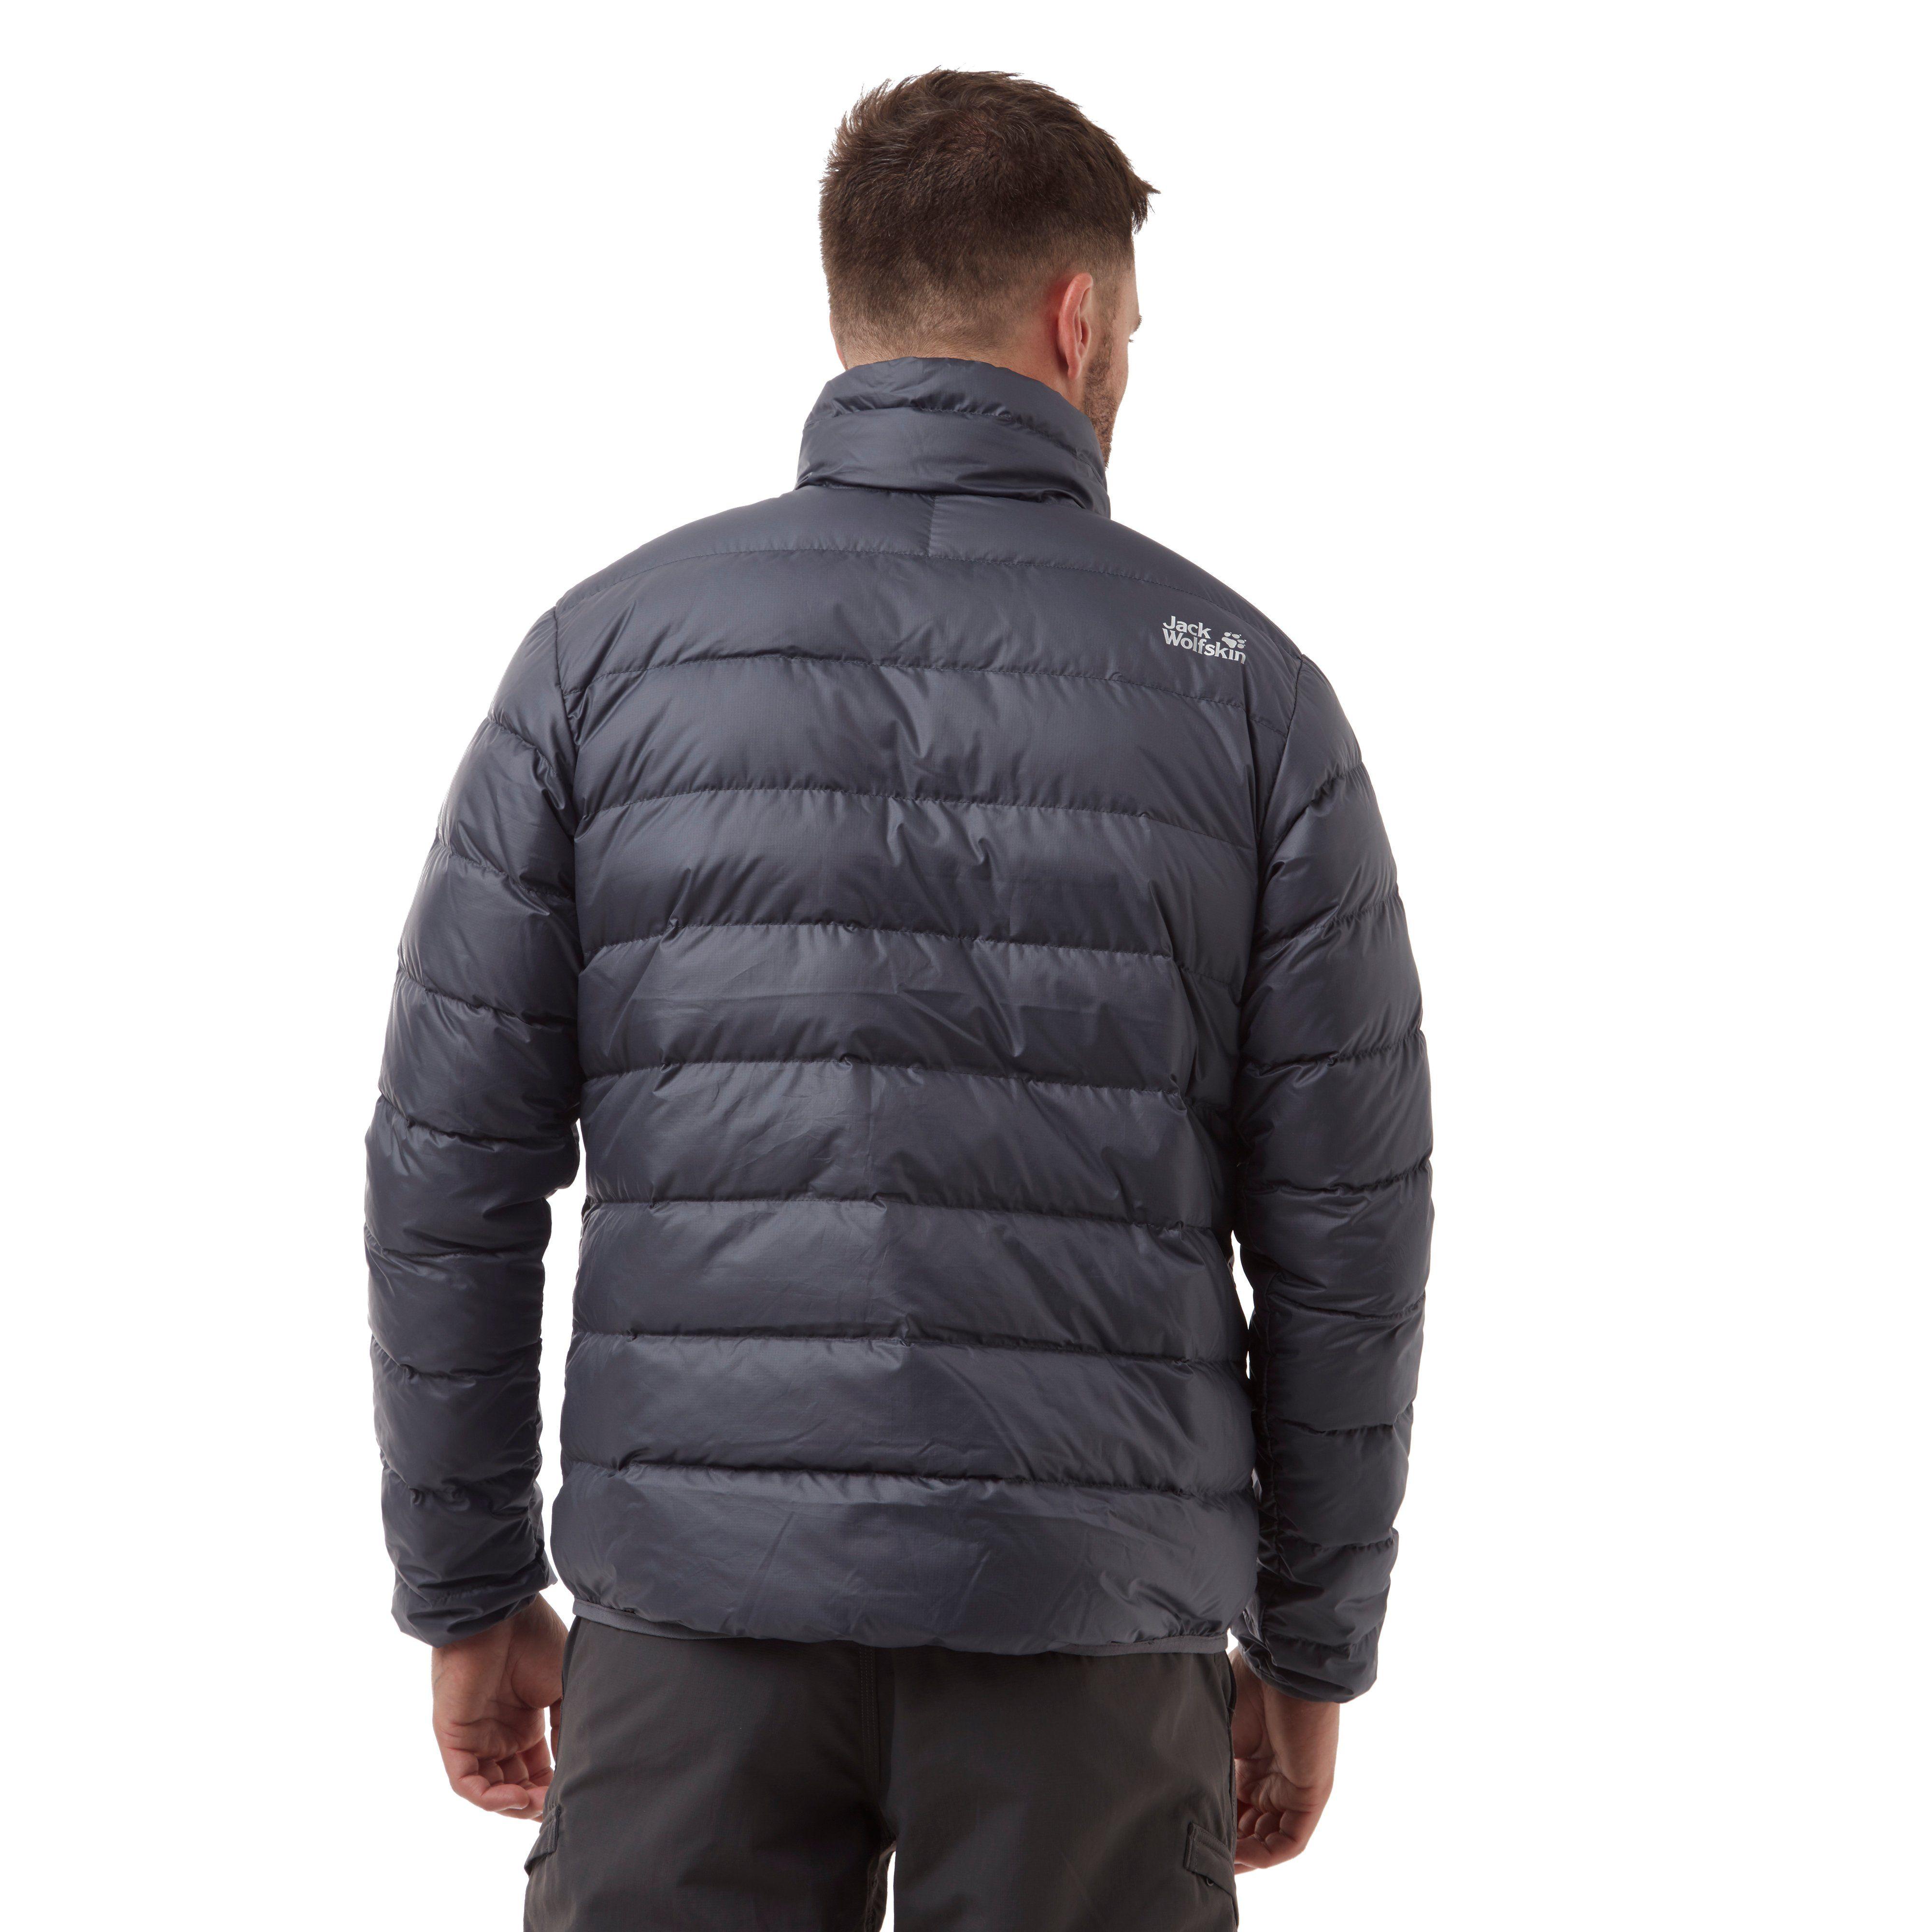 Jack Wolfskin Helium High Men's Jacket